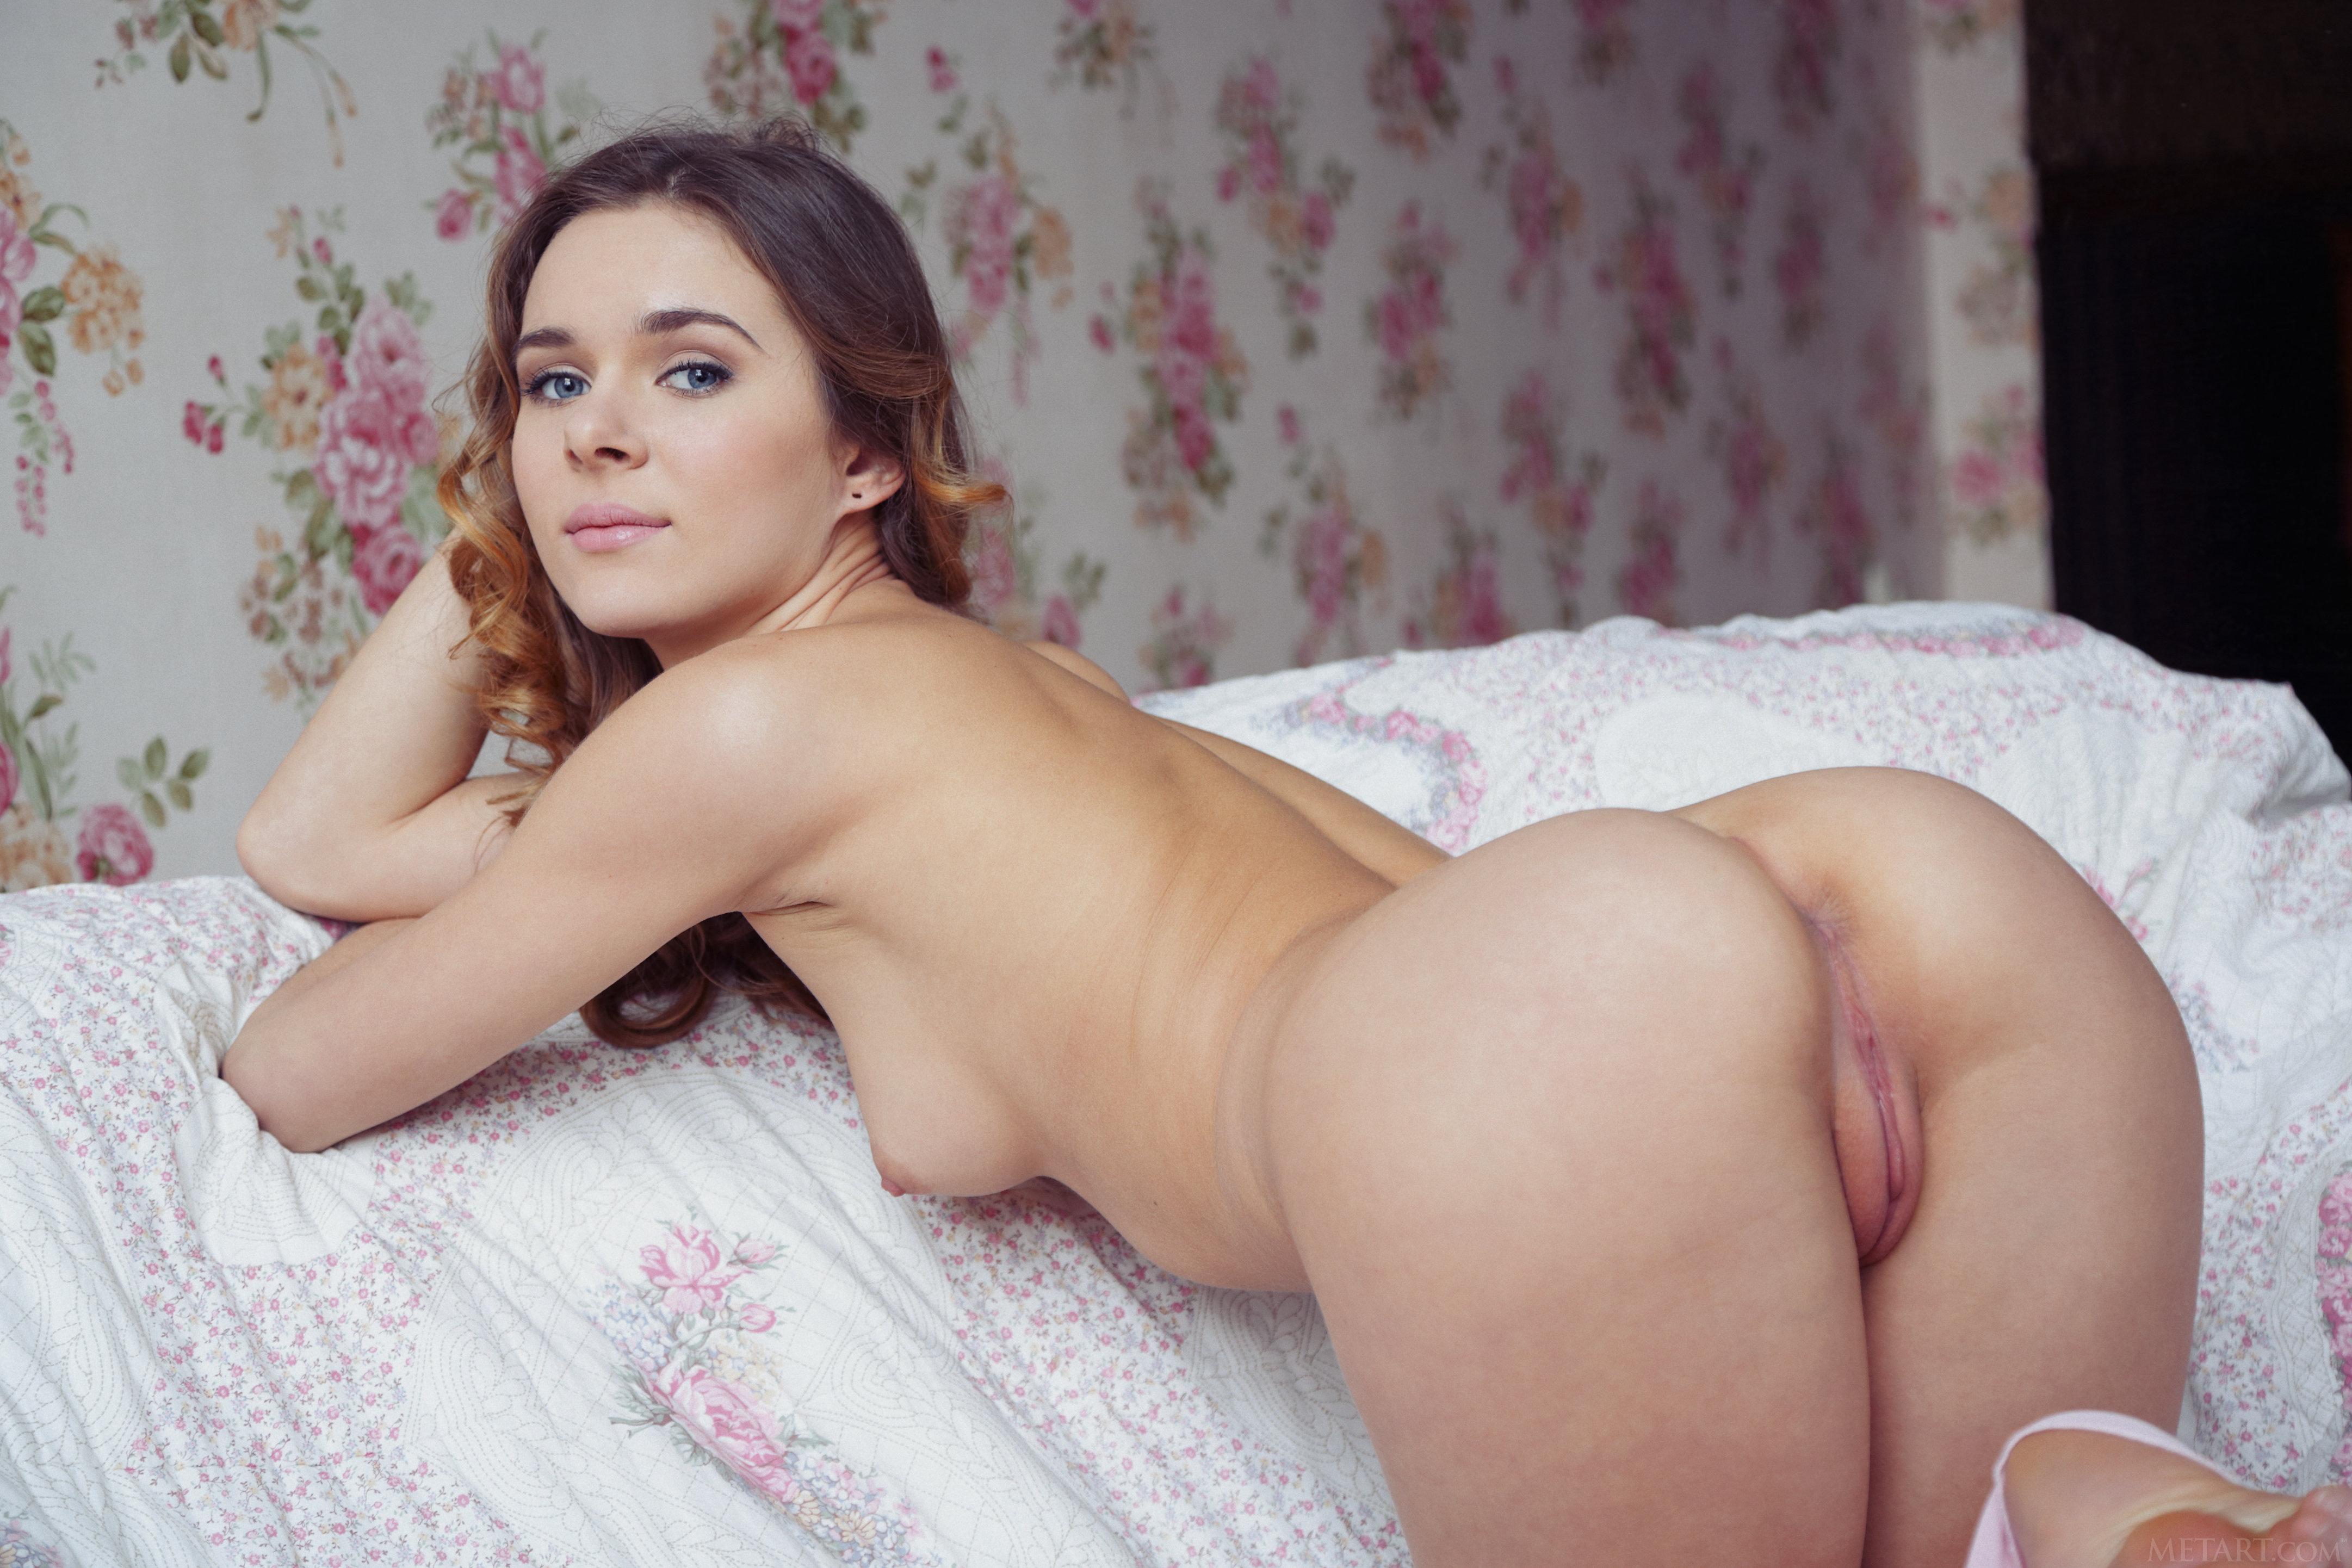 влогалище крупным планом порно фото